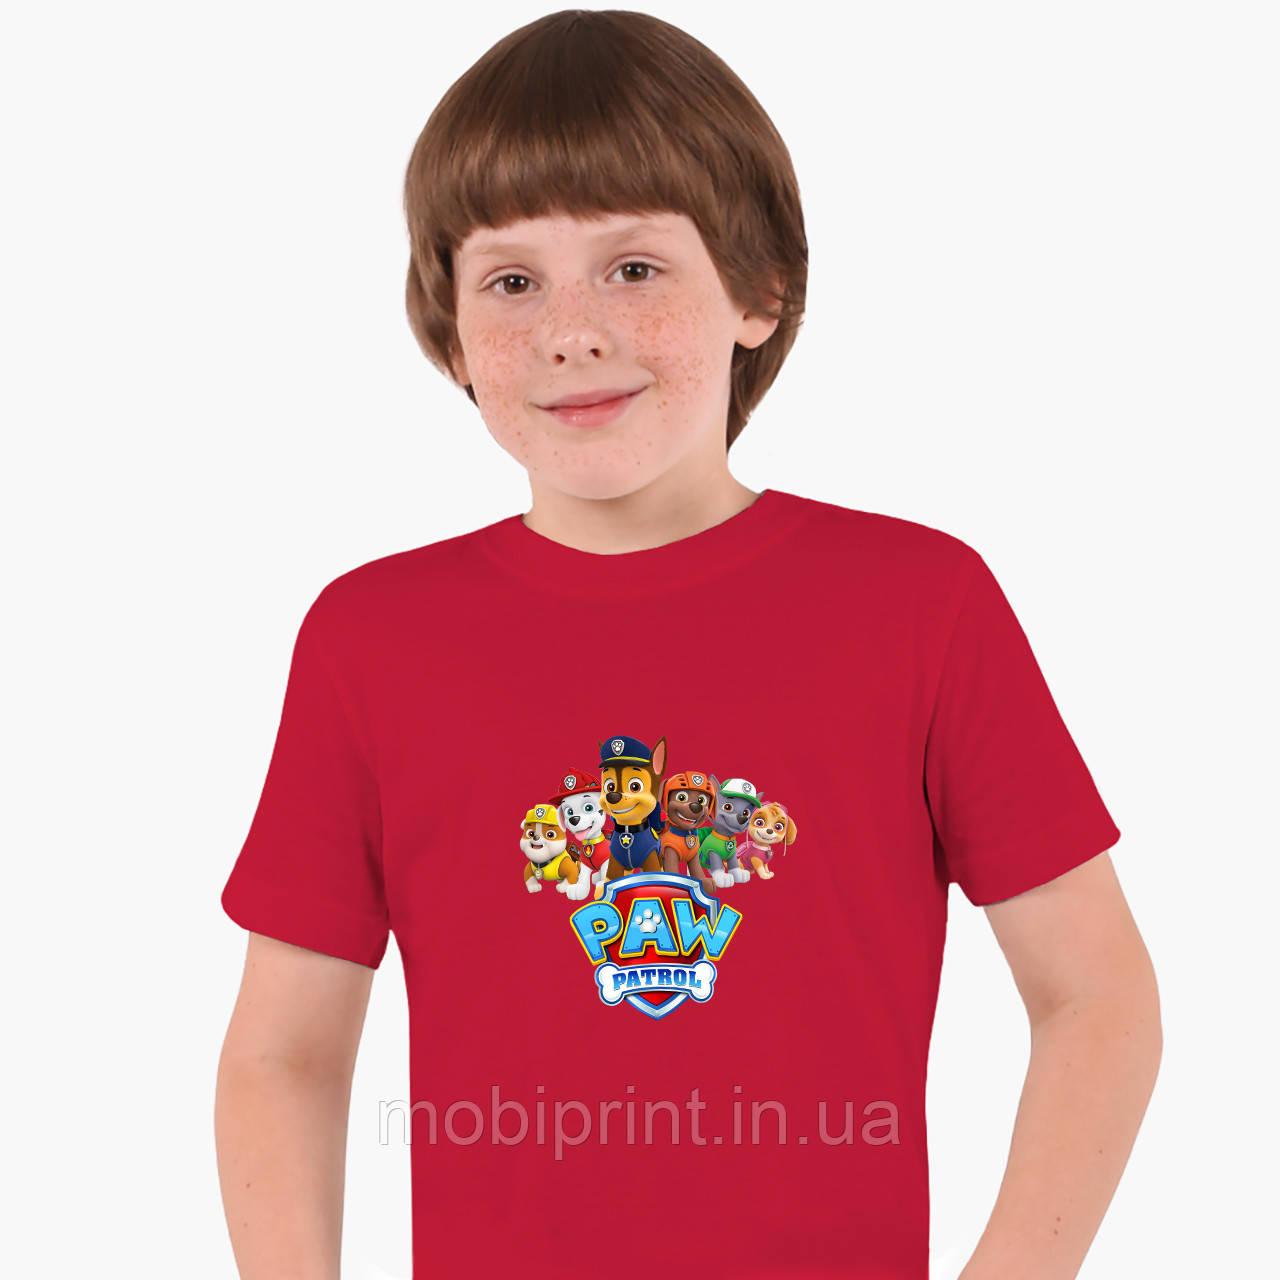 Детская футболка для мальчиков Щенячий патруль (PAW Patrol) (25186-1607) Красный